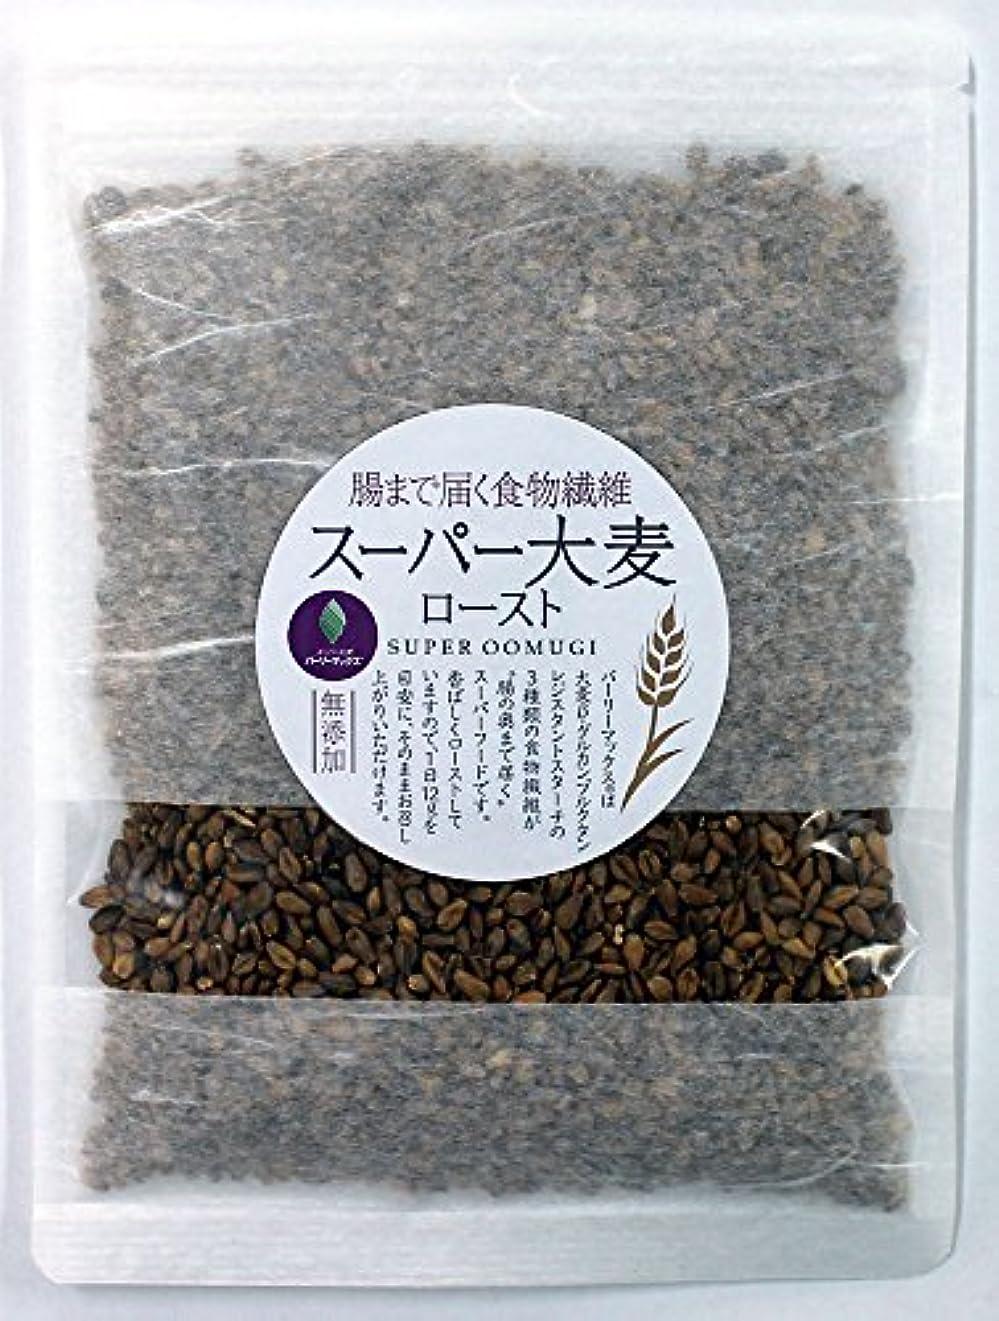 ロッドパネルジェムスーパー大麦 ロースト バーリーマックス 100g そのまま食べる スーパーフード バーリマックス